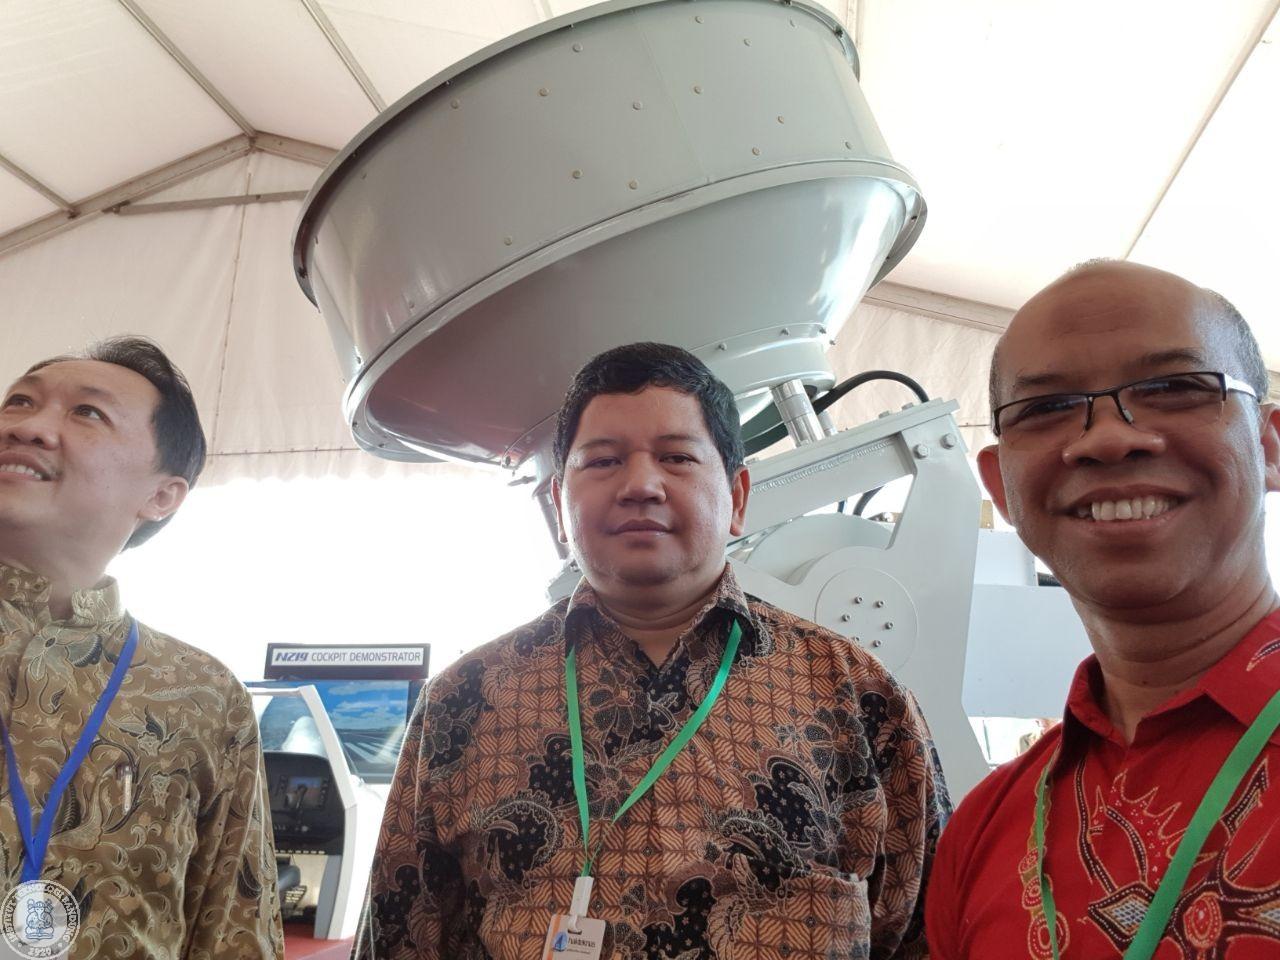 Foto dengan background perangkat radar cuaca nasional di Makasar. Posisi dari kiri ke kanan, Bapak Erwin Makmur (BMKG), Dr.Ir. Ian Josef Matheus Edward (ITB) dan Dr.Ir. Mohammad Ridwan Effendi MA.Sc (ITB)